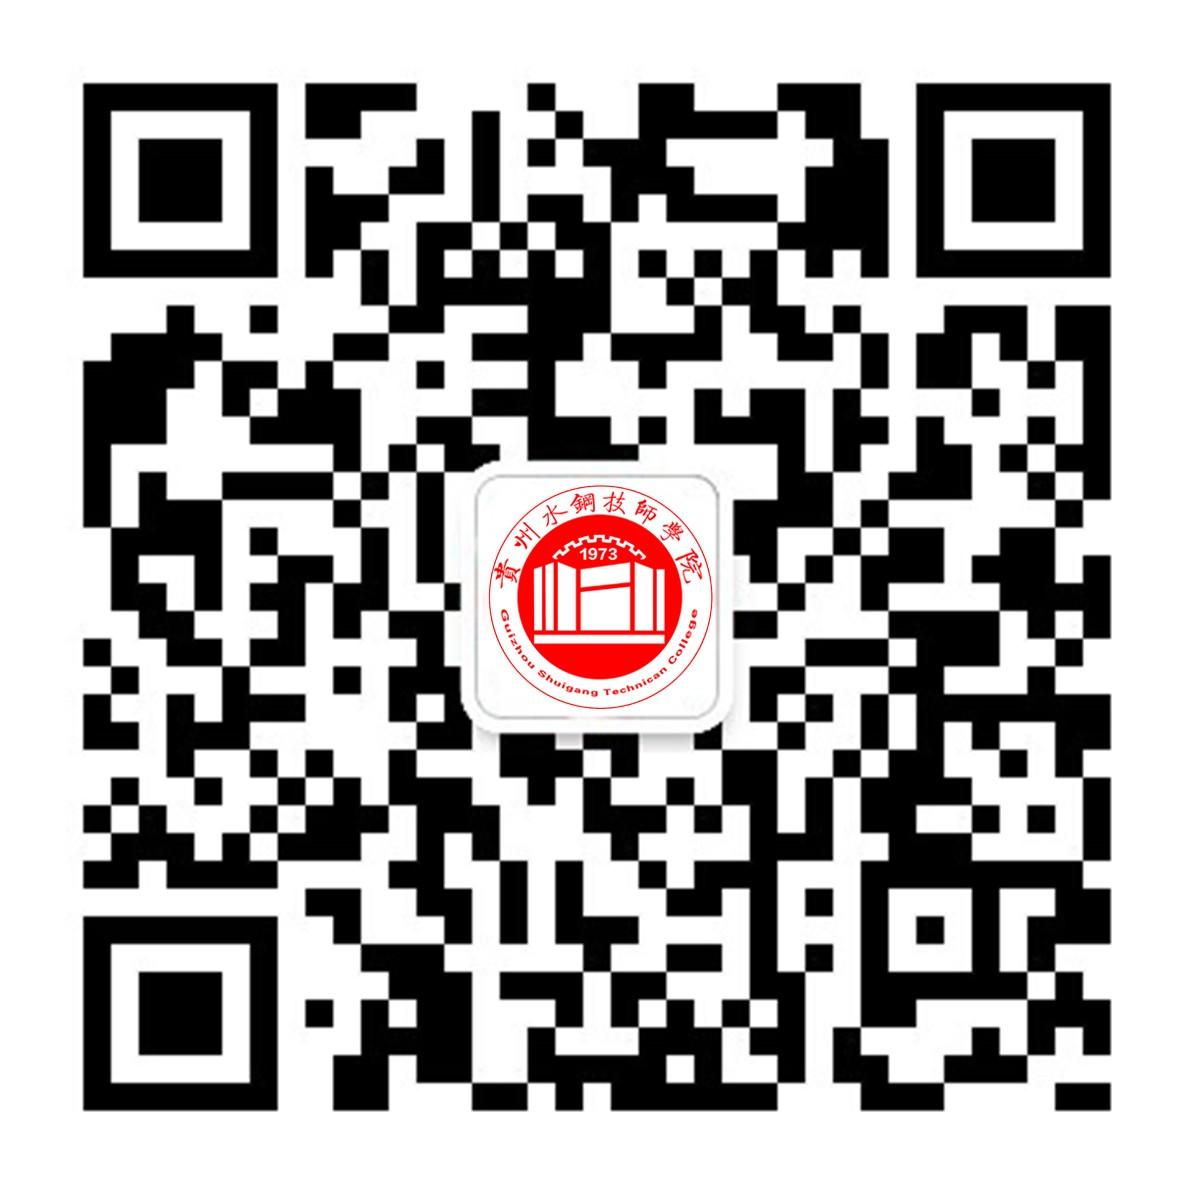 贵州水钢技师学院二维码,请扫描关注,谢谢.jpg